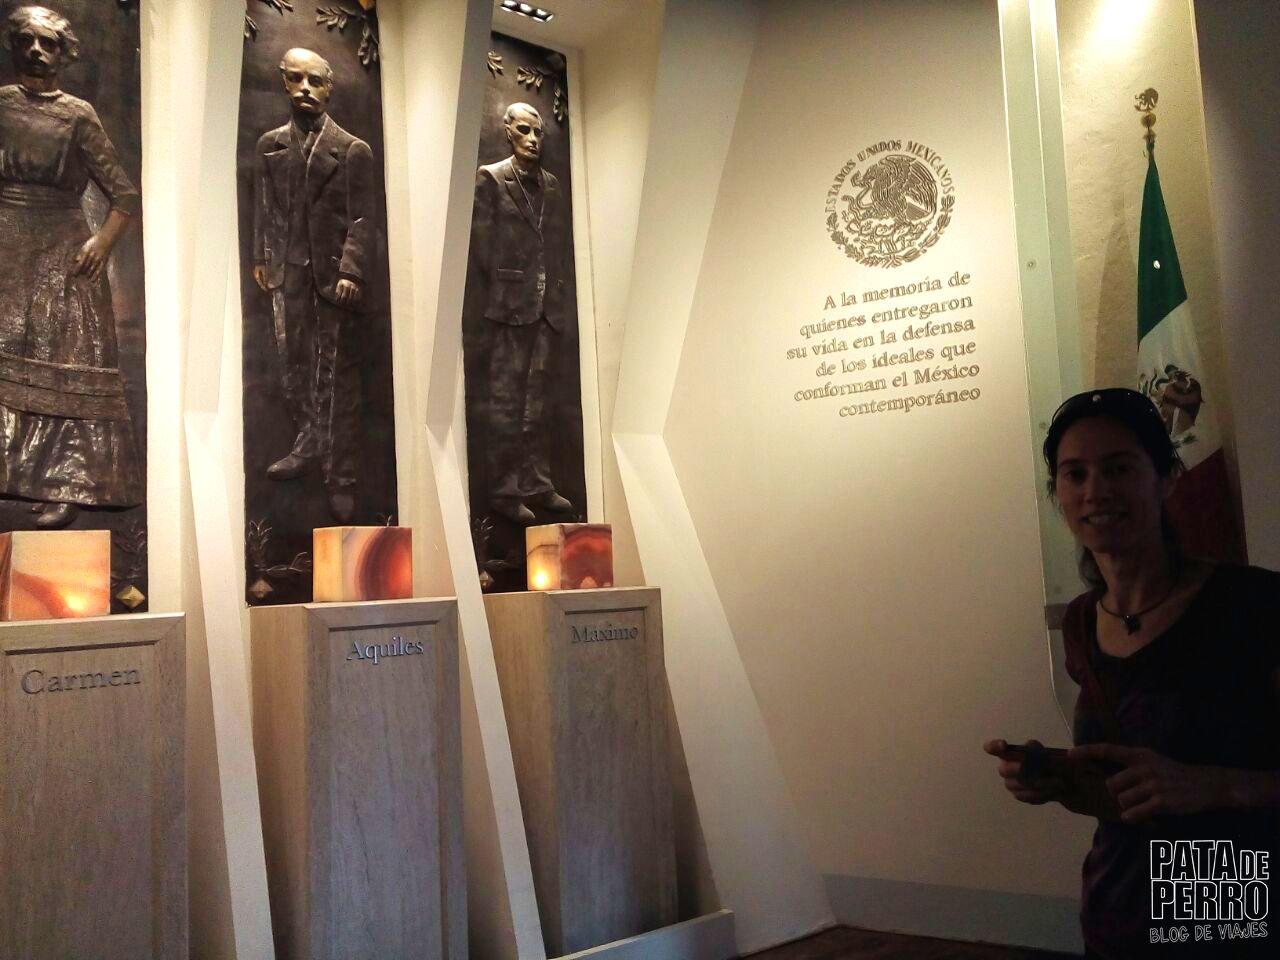 museo-regional-de-la-revolucion-mexicana-casa-de-los-hermanos-serdan-pata-de-perro-blog-de-viajes12